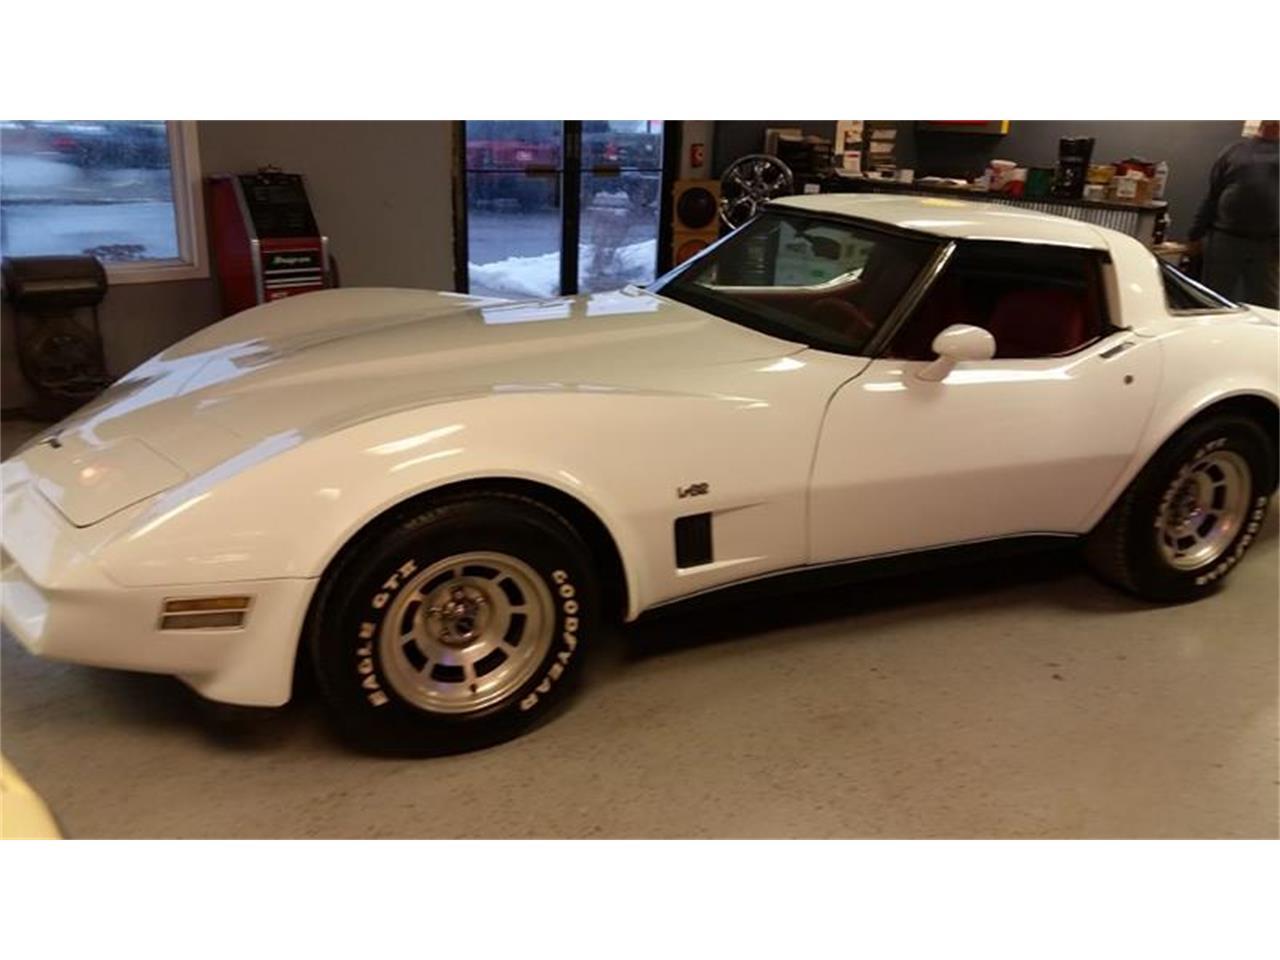 1980 Corvette For Sale >> For Sale 1980 Chevrolet Corvette In Spirit Lake Iowa